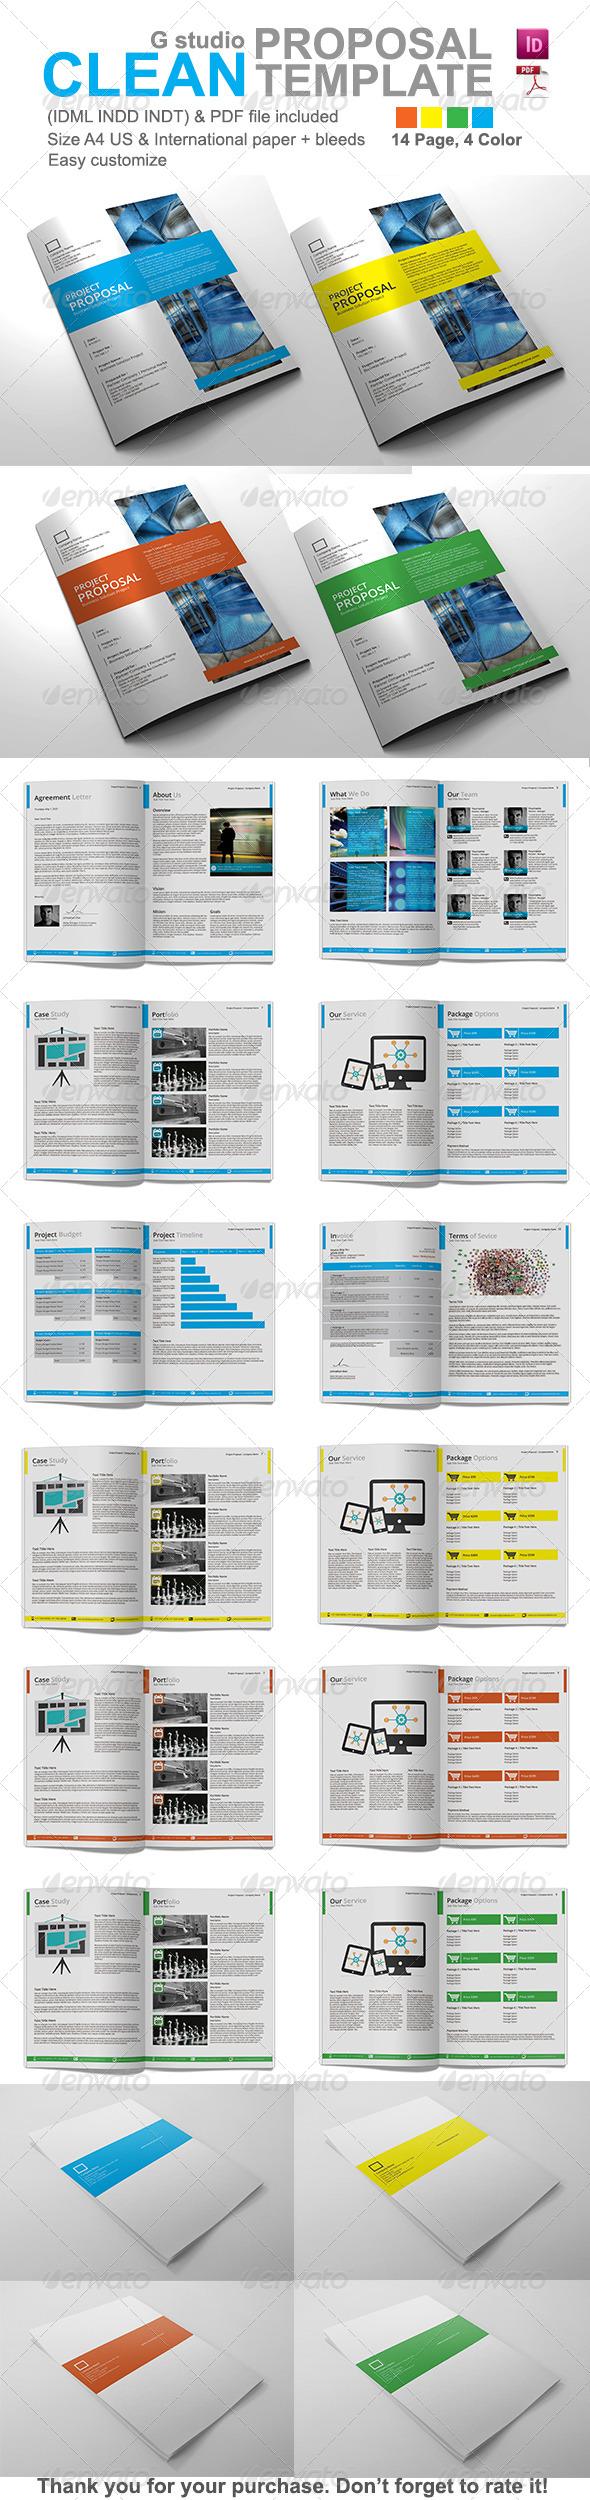 GraphicRiver Gstudio Clean Proposal Template 4485656